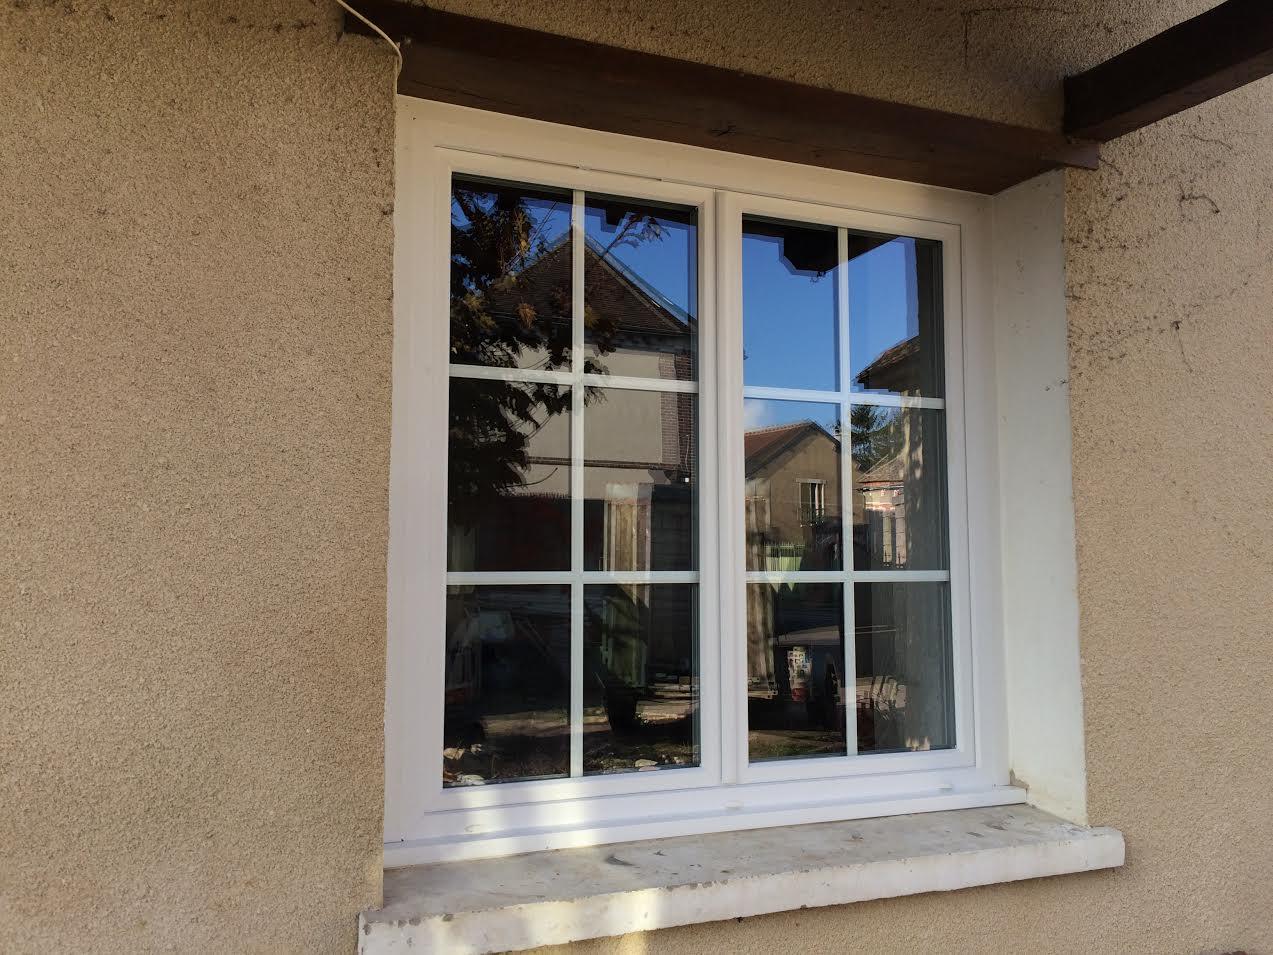 Fenêtre Pvc Atr Ii Grosfillex à Montargis Et Orléans